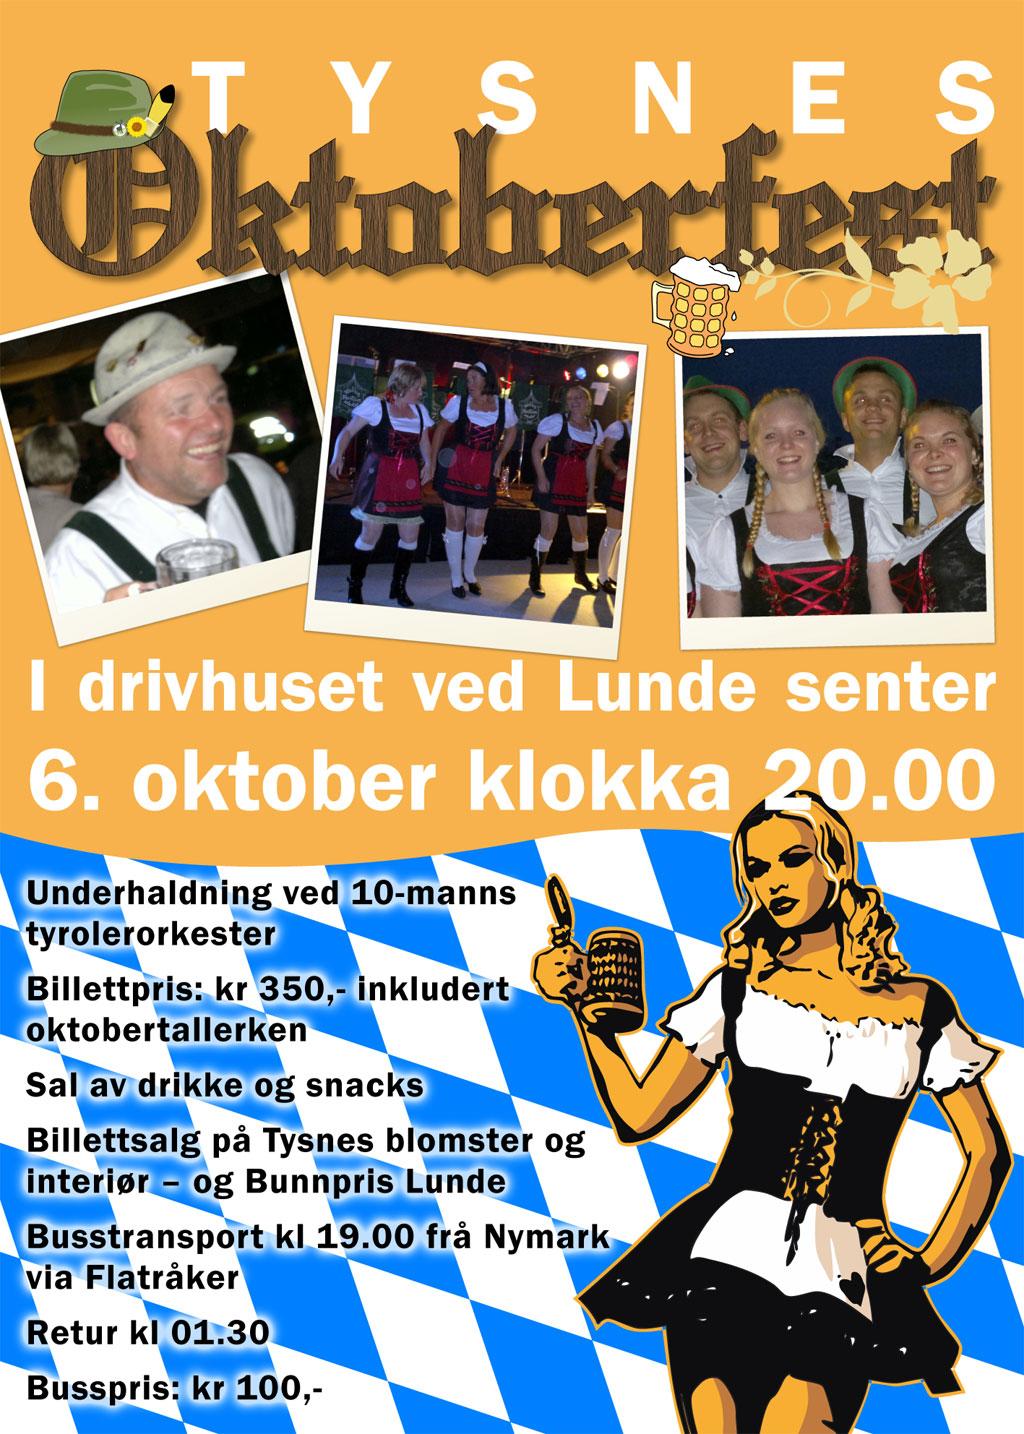 Poster for Oktoberfest 2012